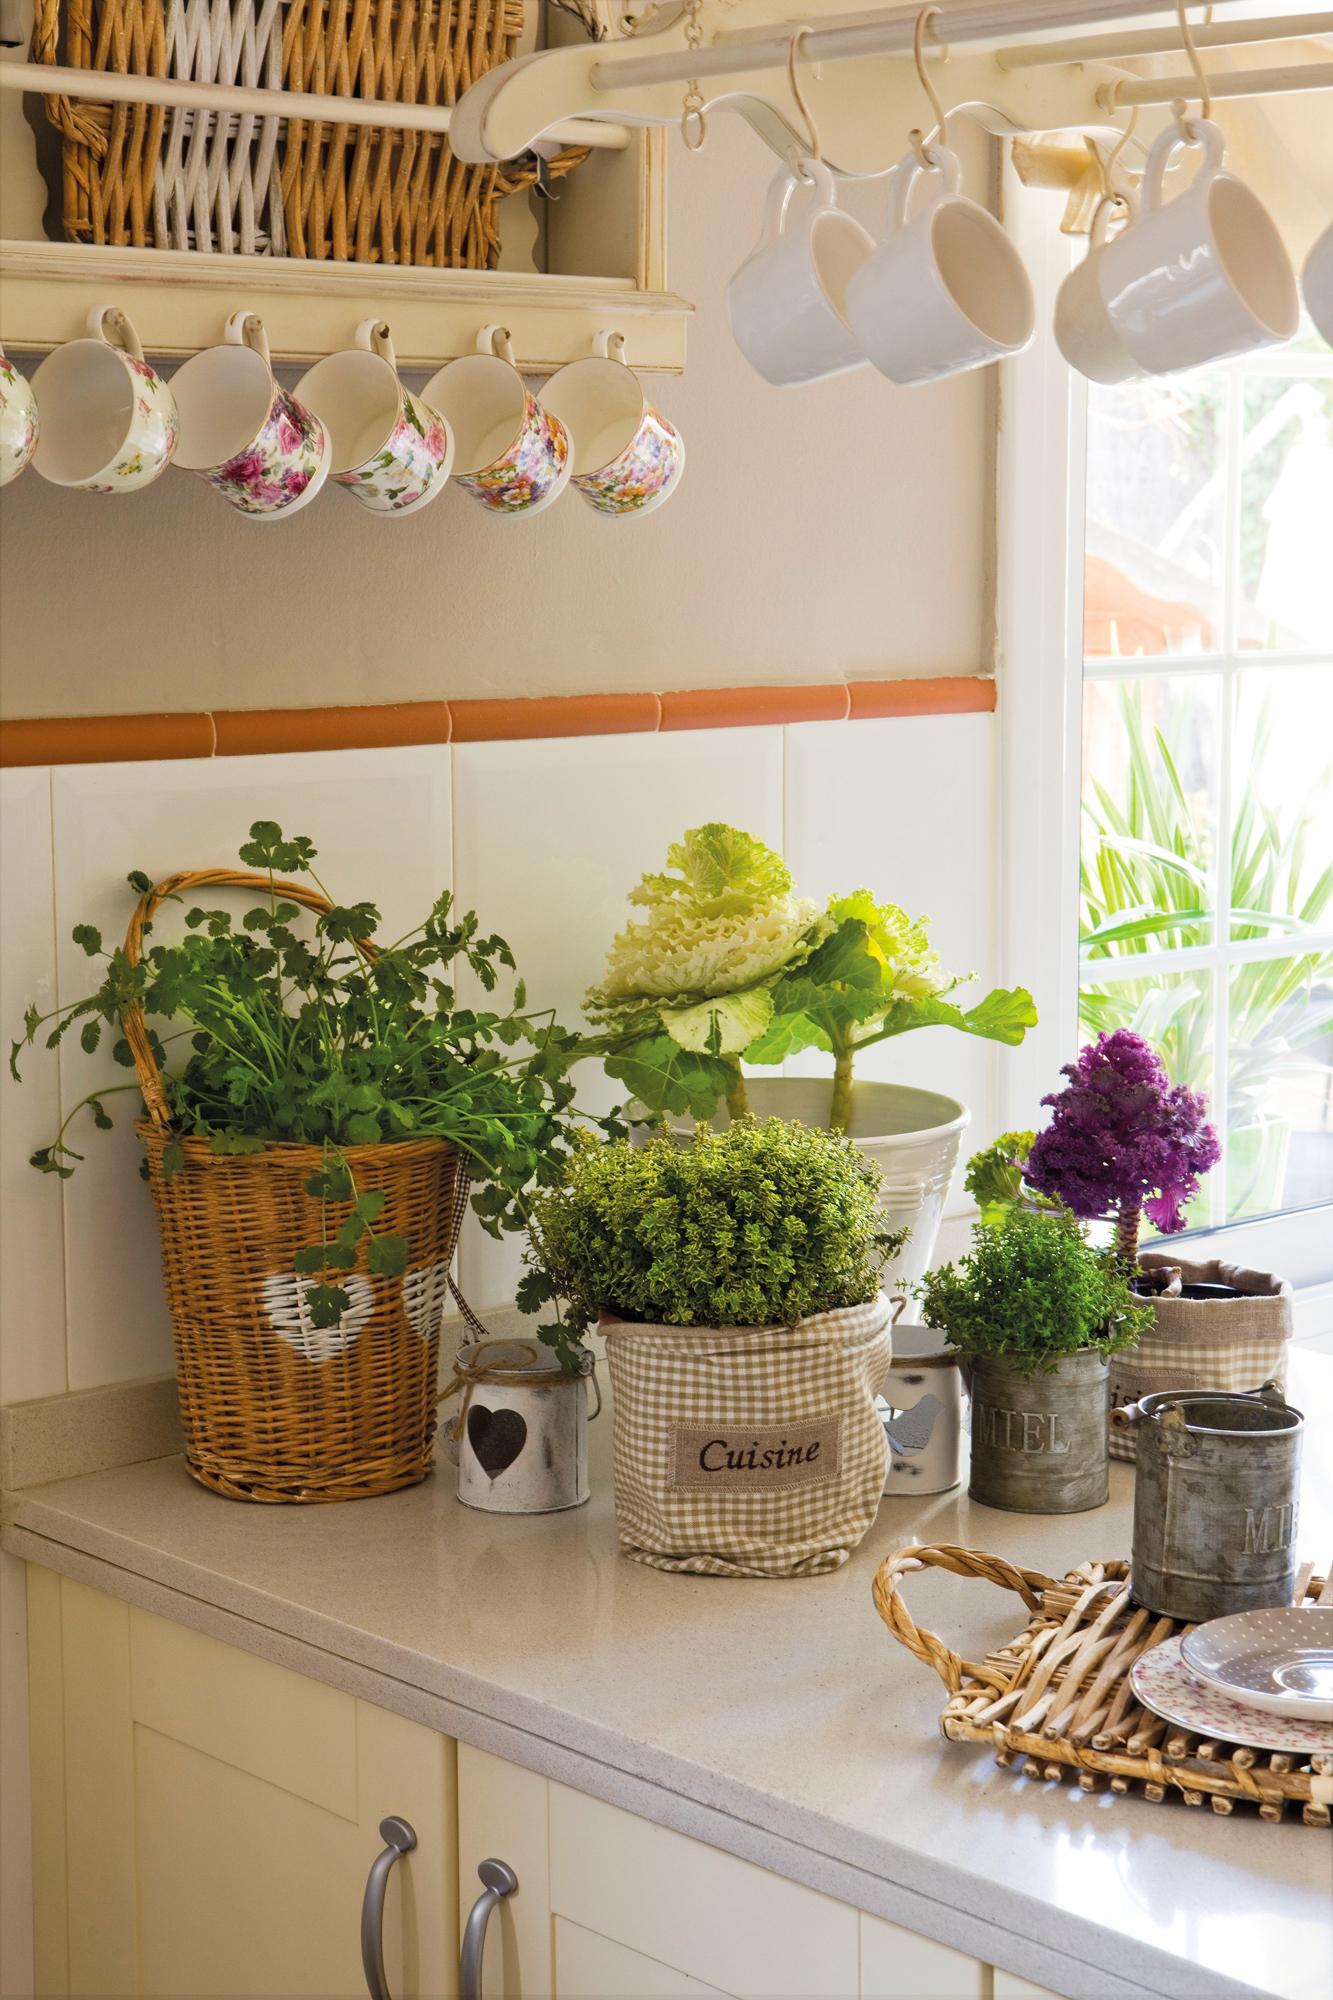 Arboles Para Decorar Aulas.Una Acogedora Casa Llena De Plantas Por Todas Partes